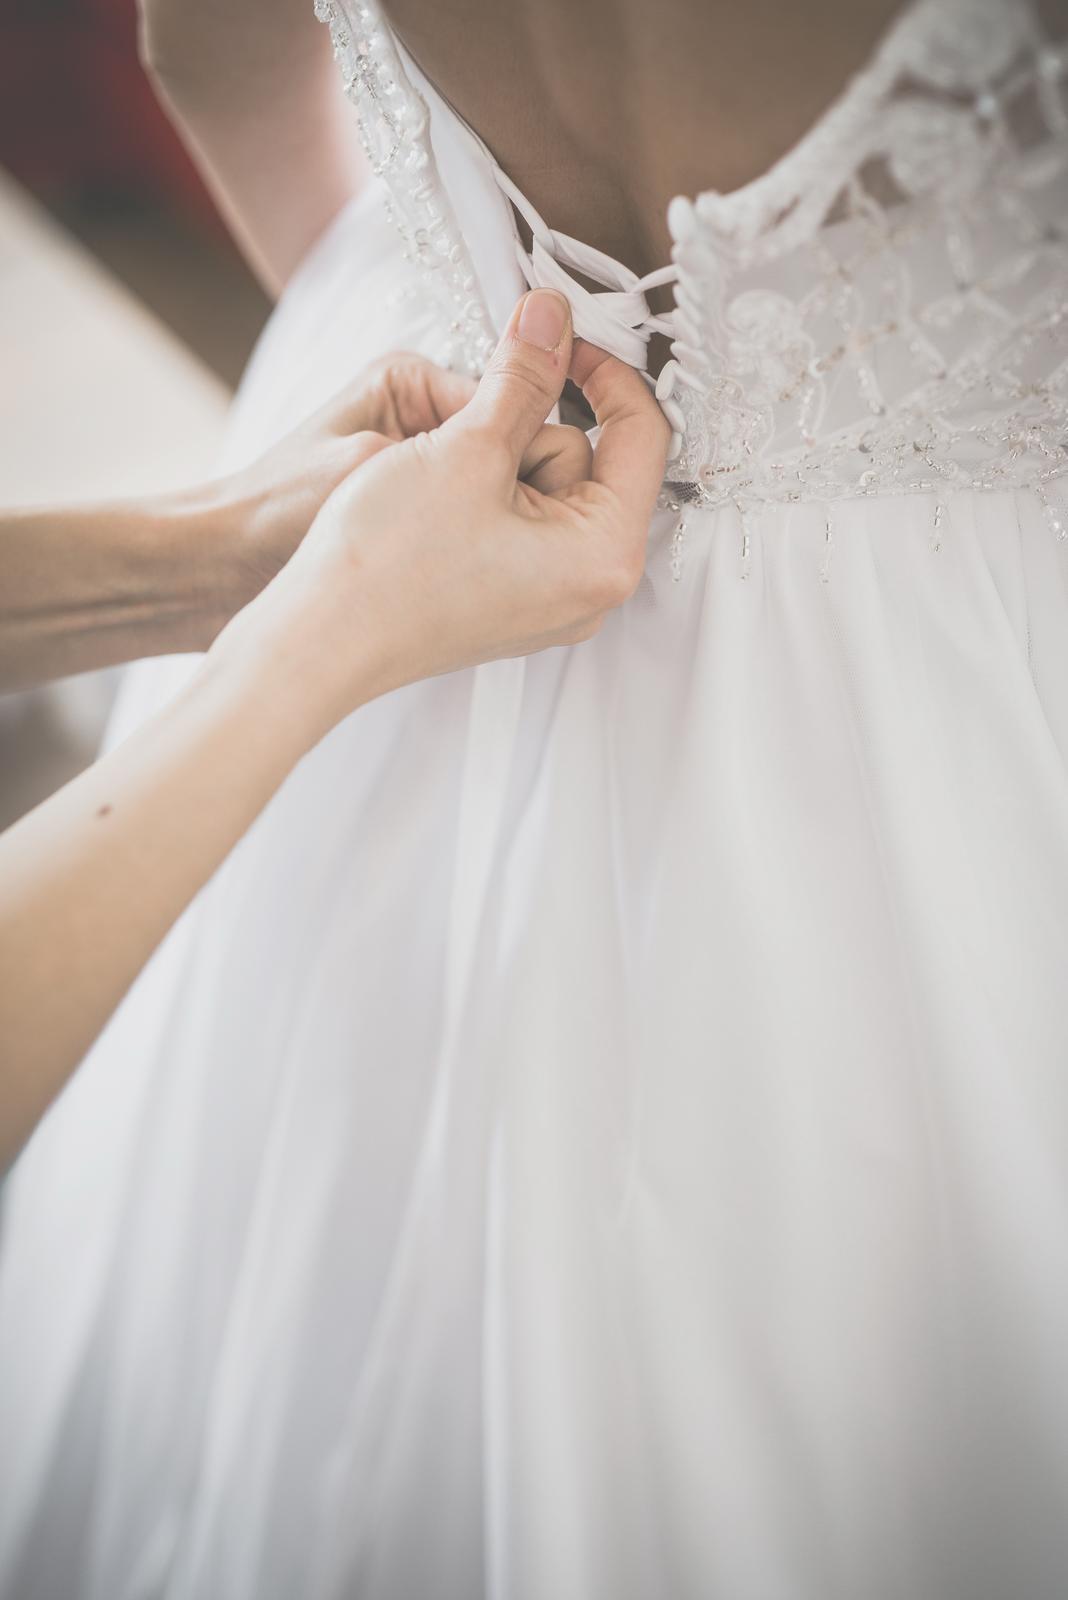 Svadobné šaty veľkosť 36-38  - Obrázok č. 3